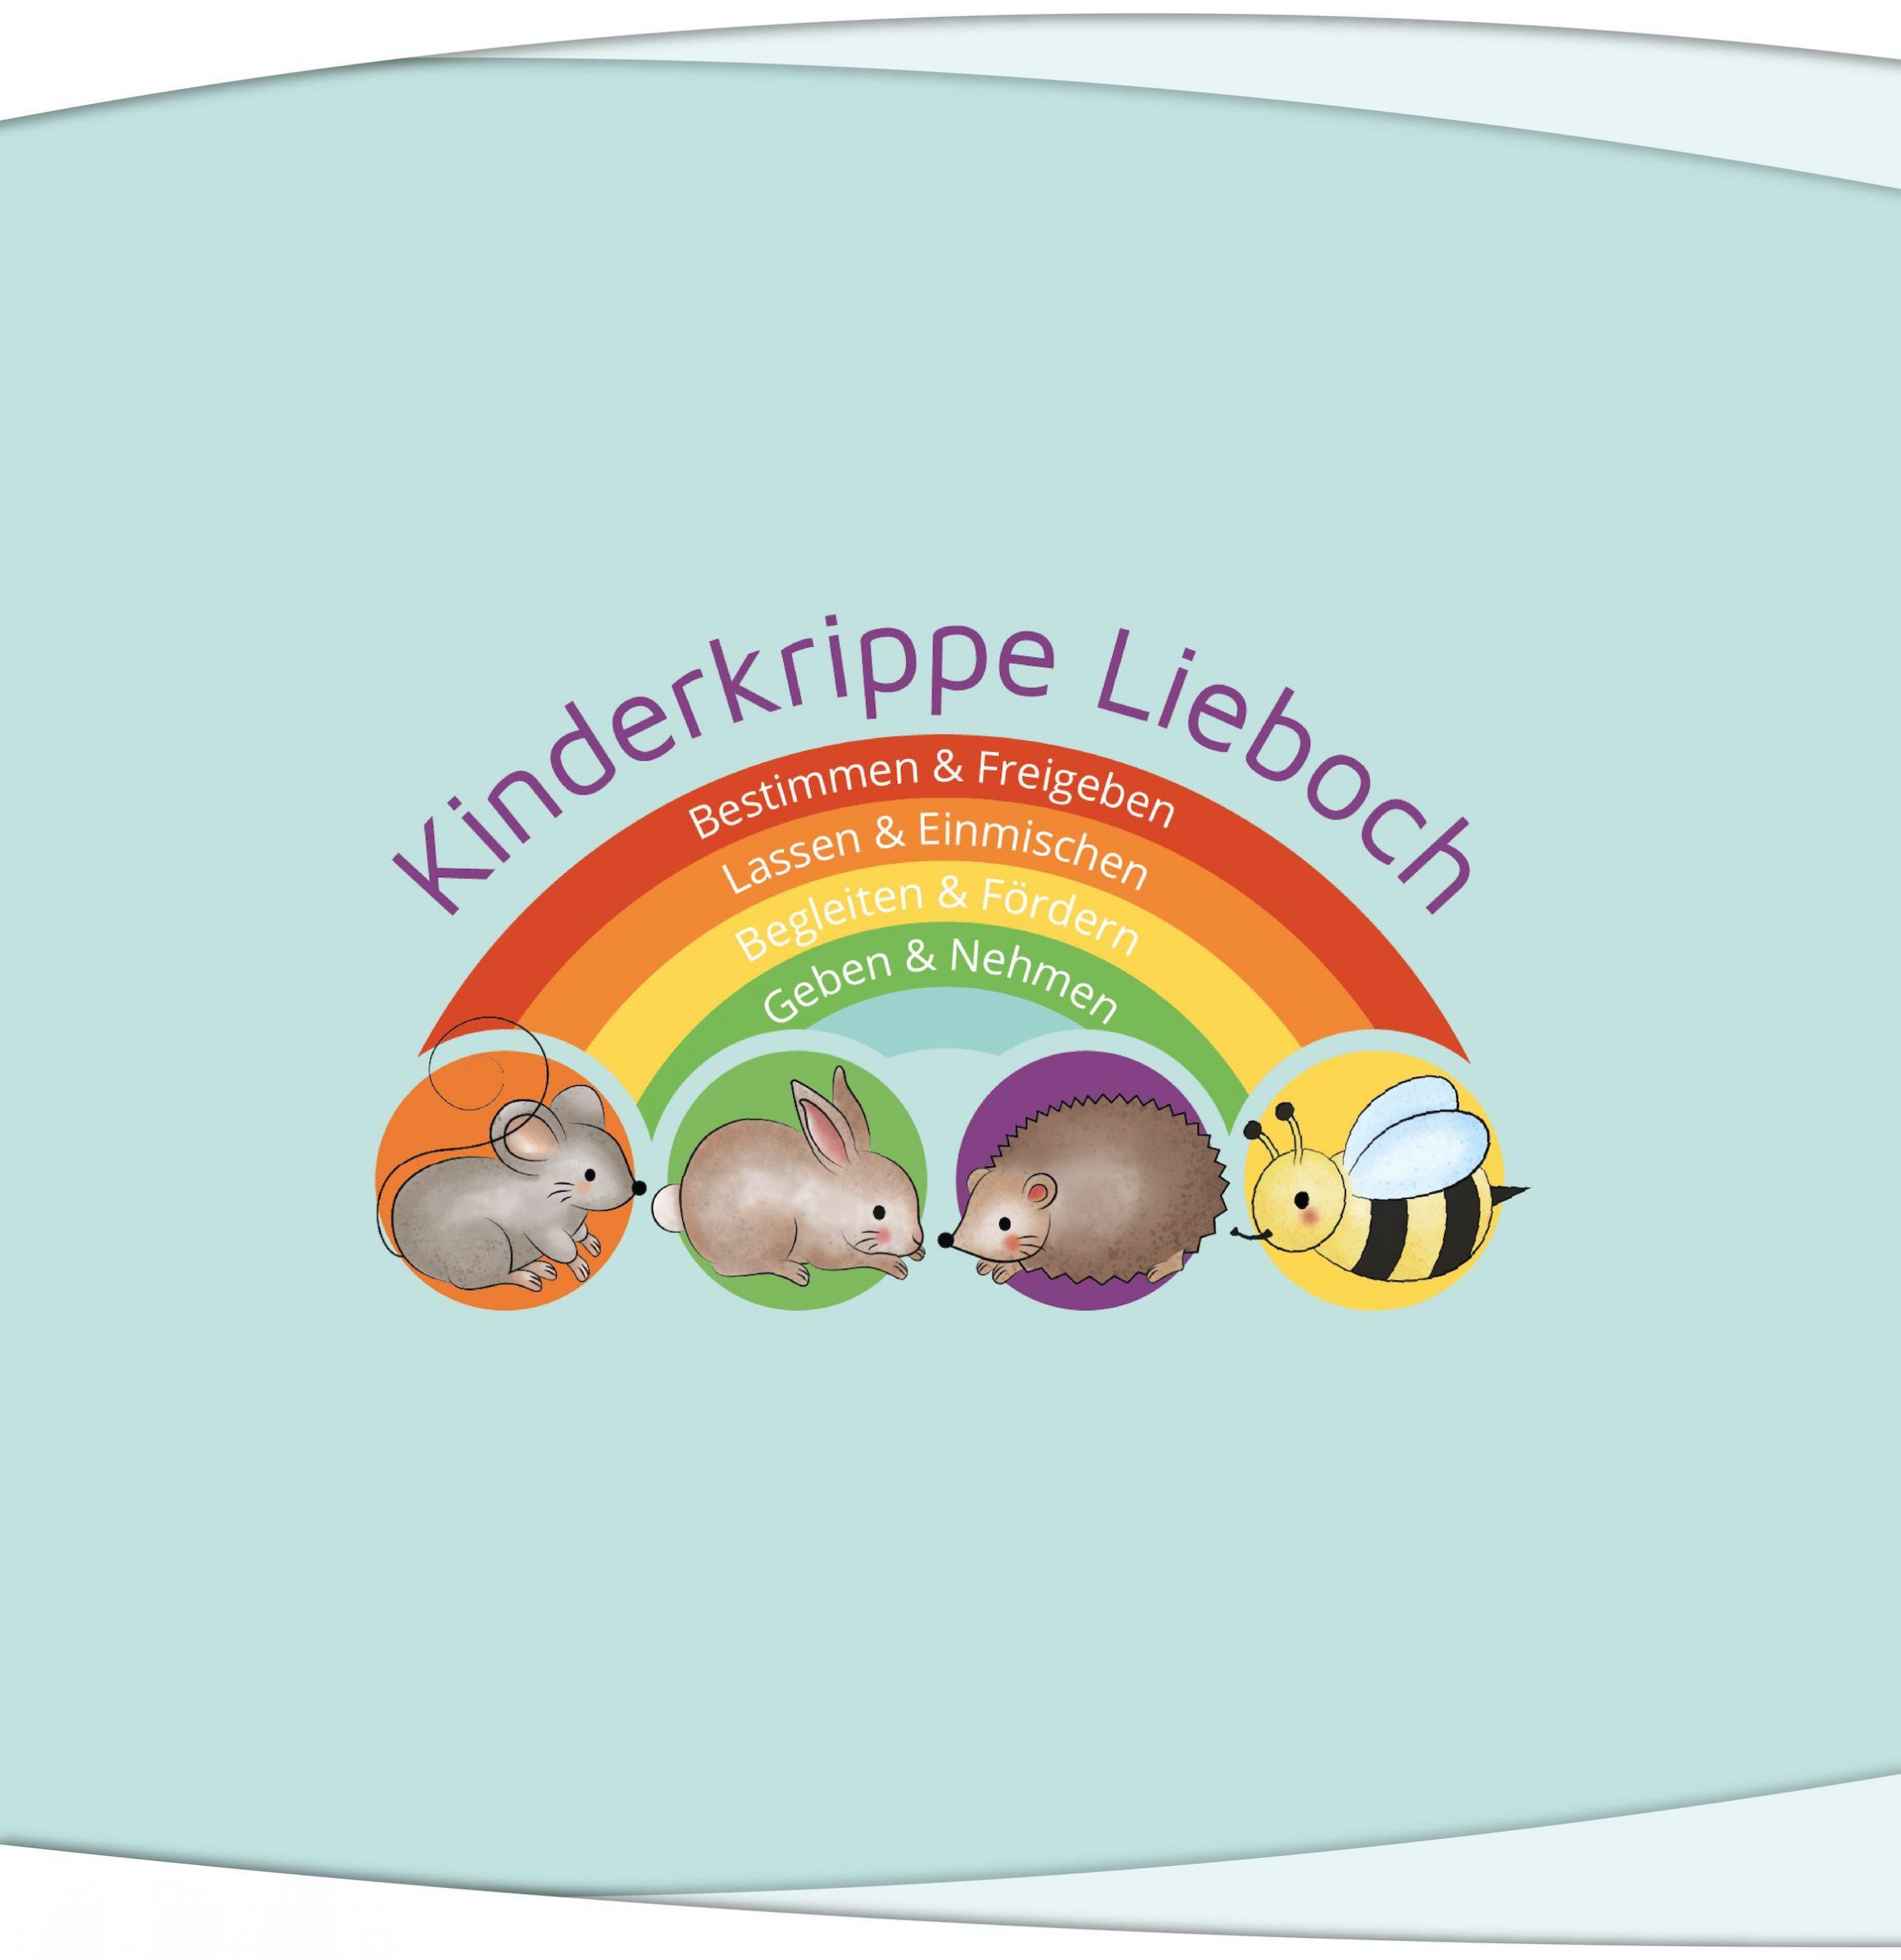 phone_carousel_kk_logo